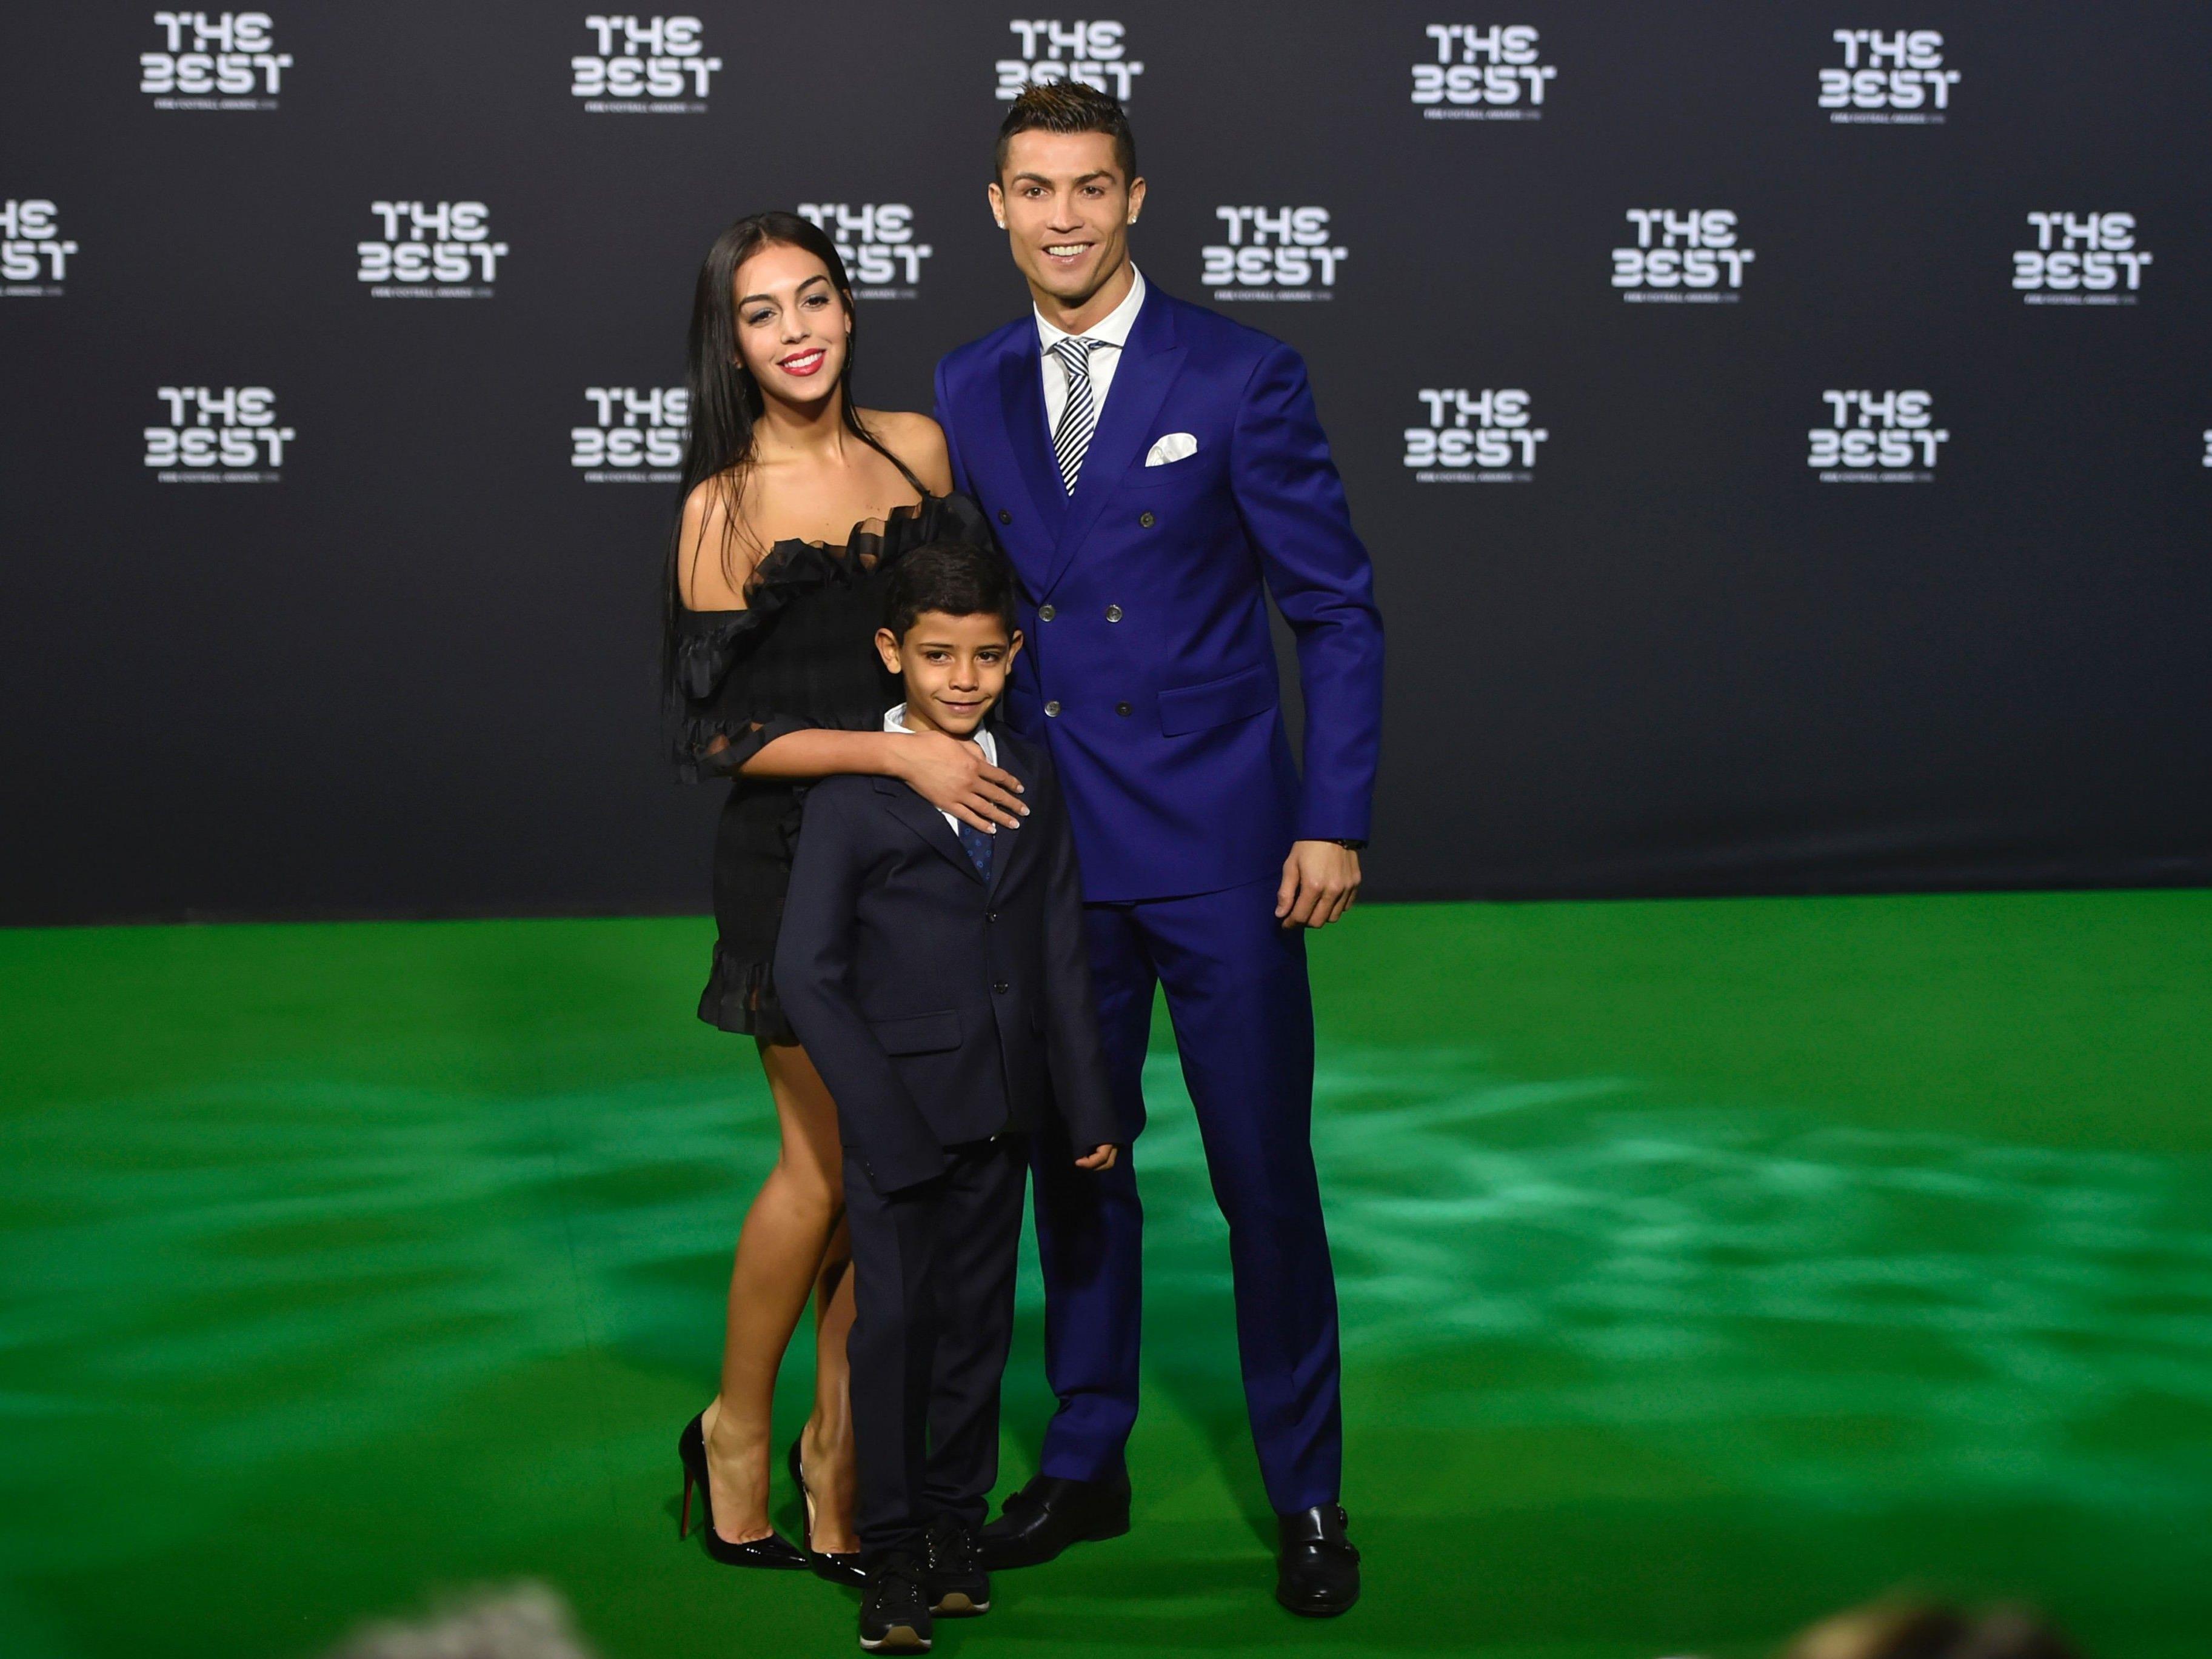 Zuwachs bei Fußball-Star Ronaldo.